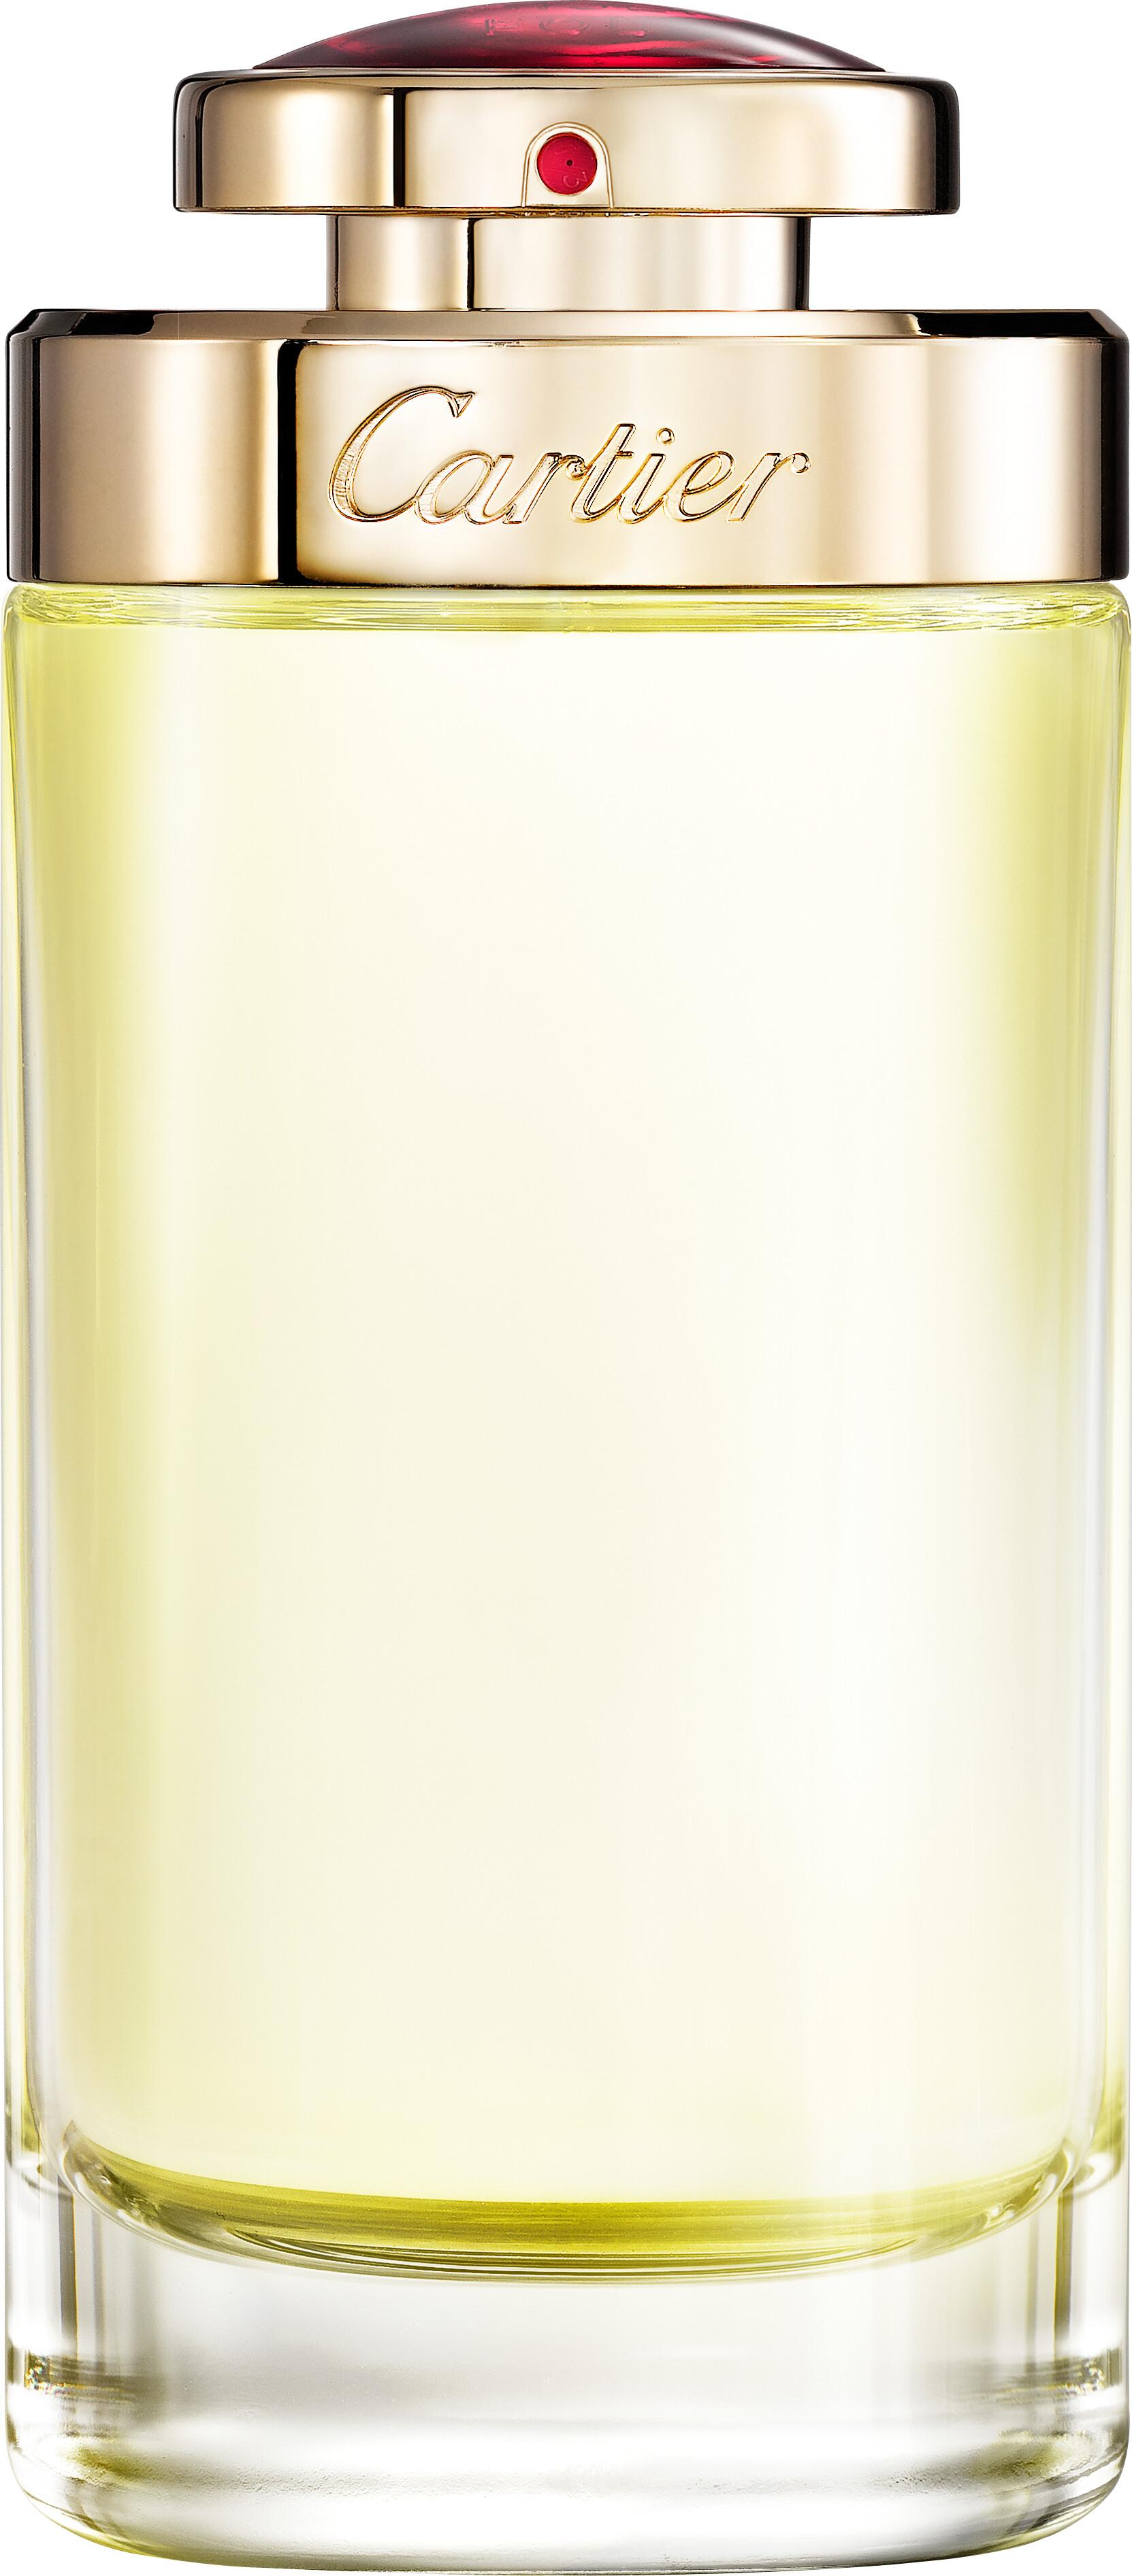 Cartier Baiser Fou Eau de Parfum Spray 75ml